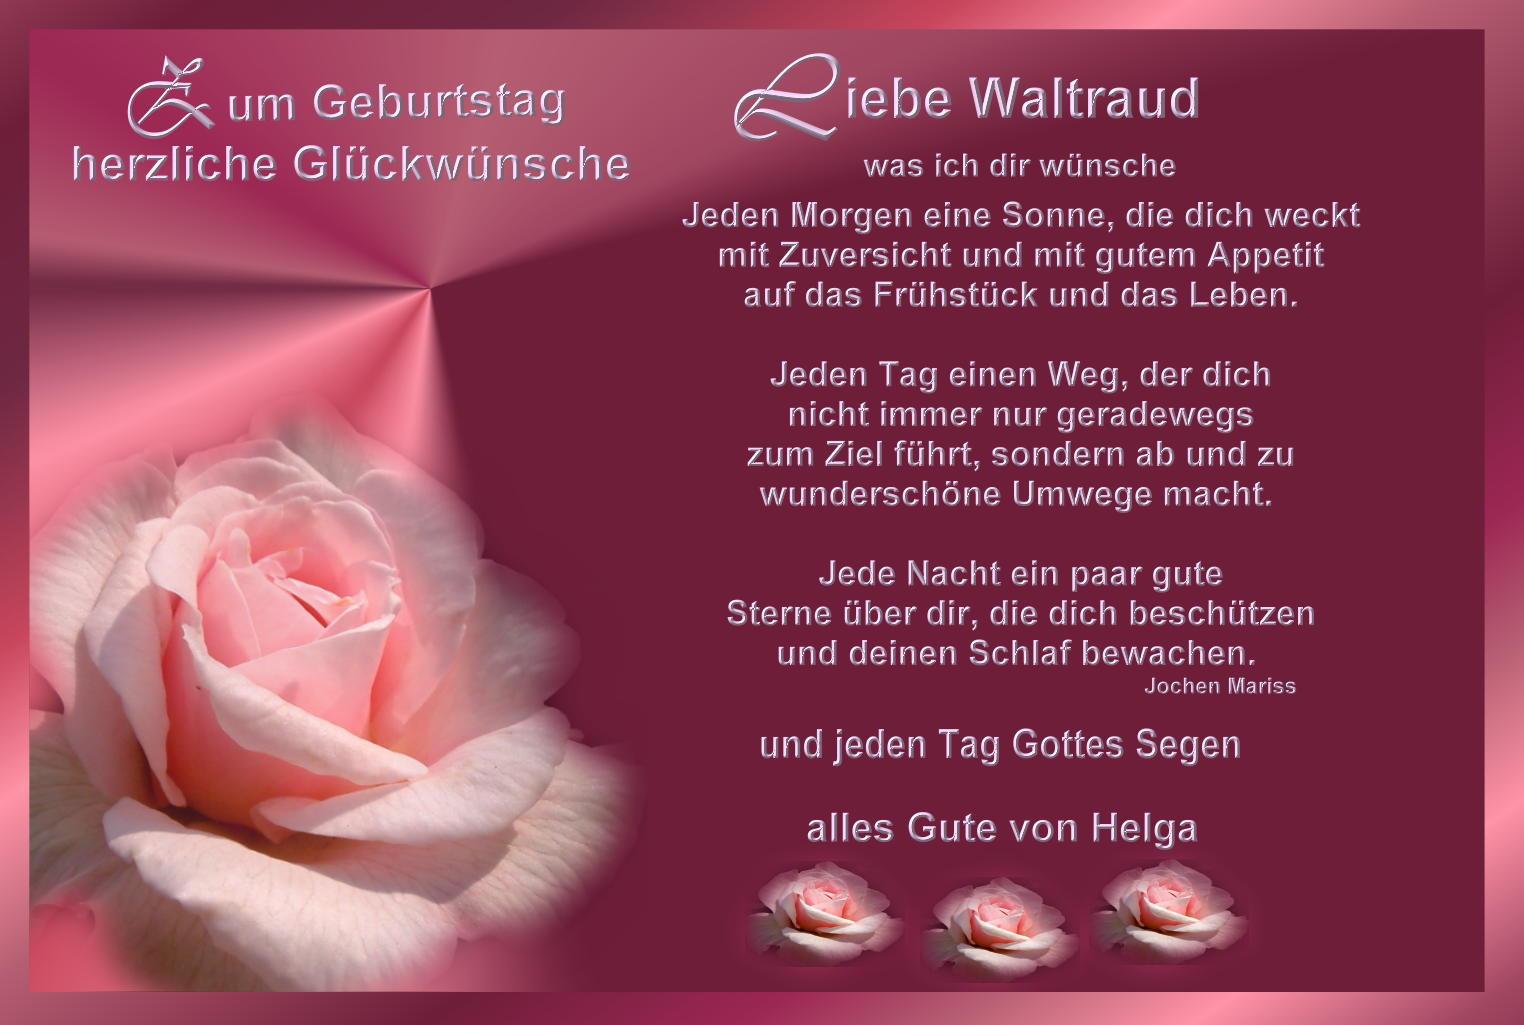 Geburtstagskarten Text  Alles Gute für Waltraud Foto & Bild